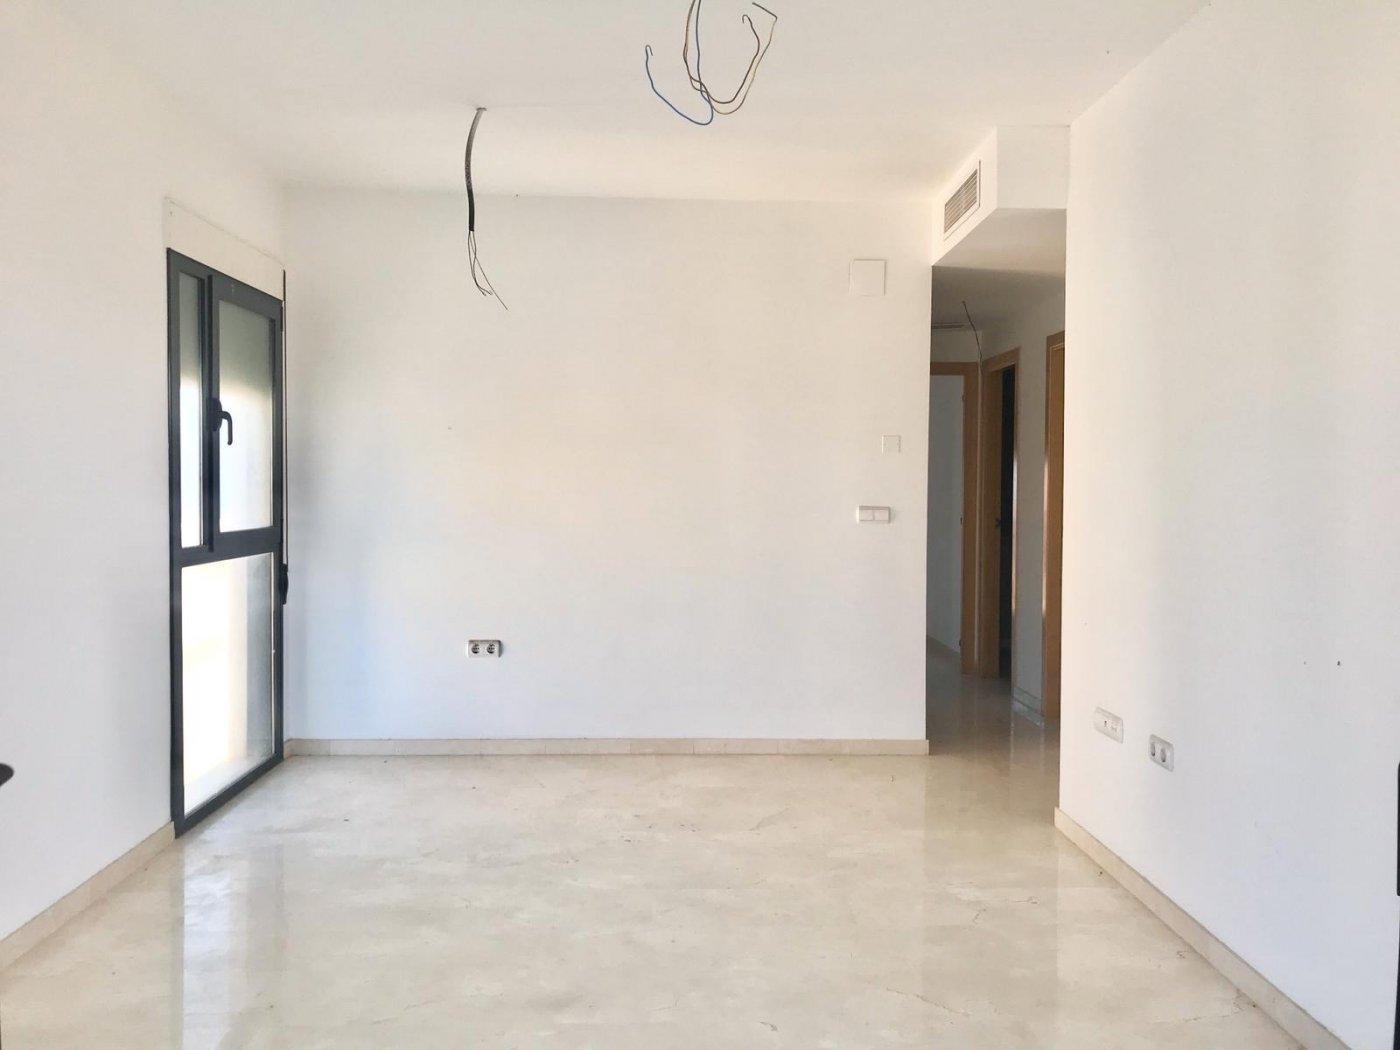 Apartamento en playa de gandia con piscina comunitaria y garaje incluido - imagenInmueble4